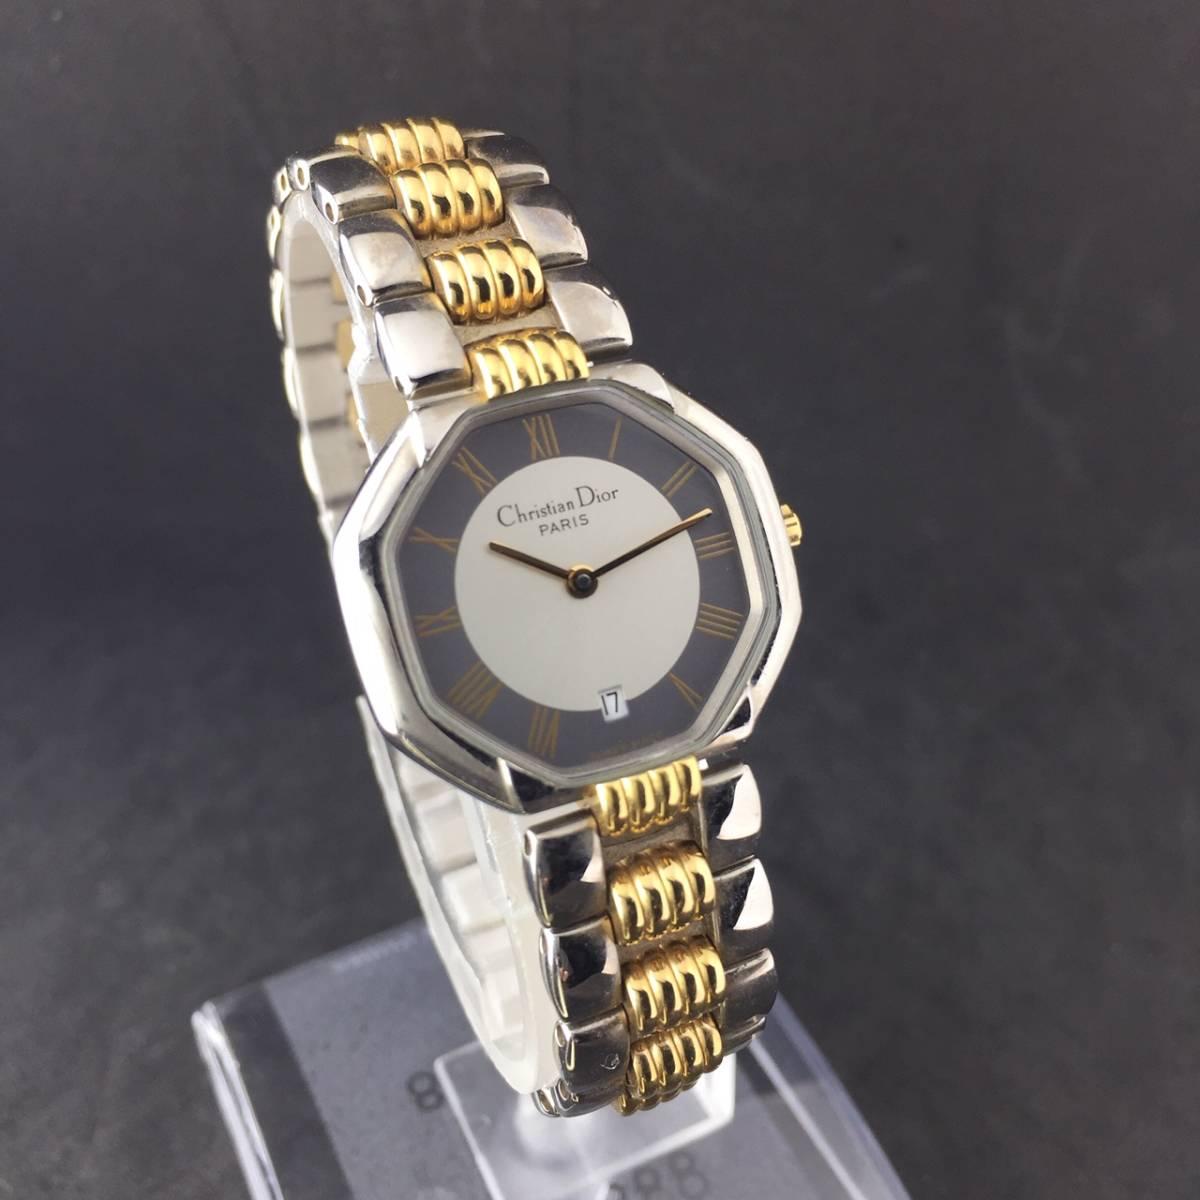 【1円~】Christian Dior クリスチャンディオール 腕時計 レディース D48-203 オクタゴン デイト コンビ 可動品_画像2